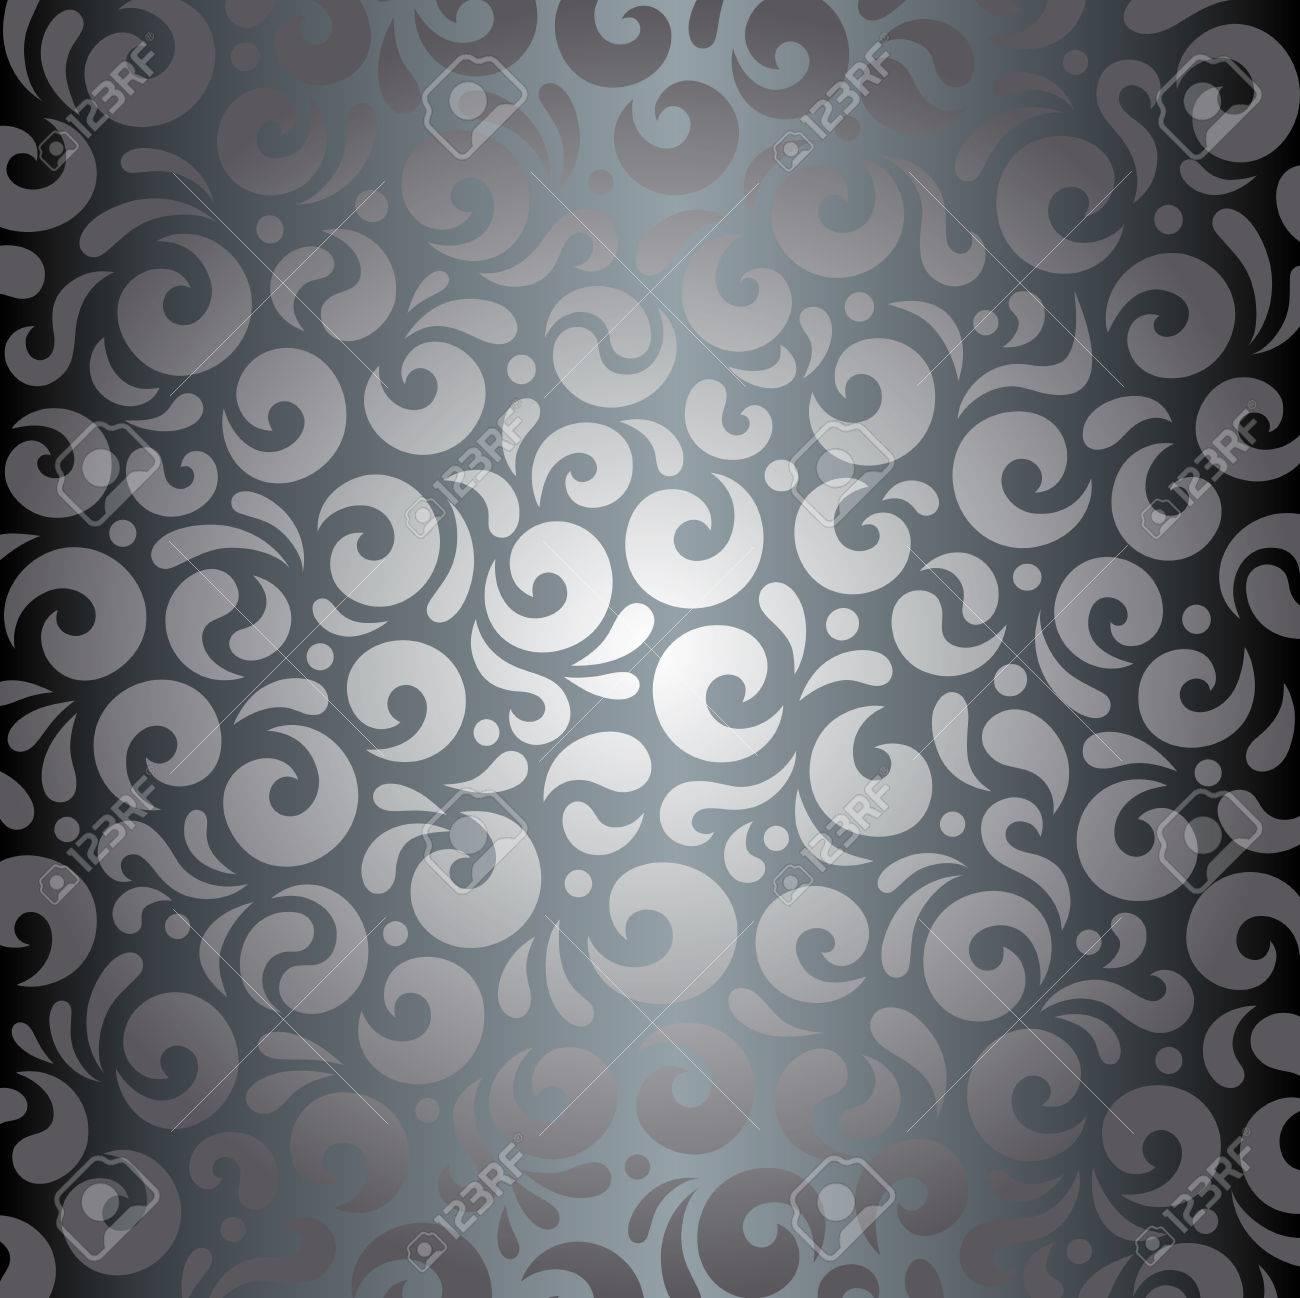 Silber Glanzende Vintage Tapete Dekorativen Hintergrund Lizenzfrei